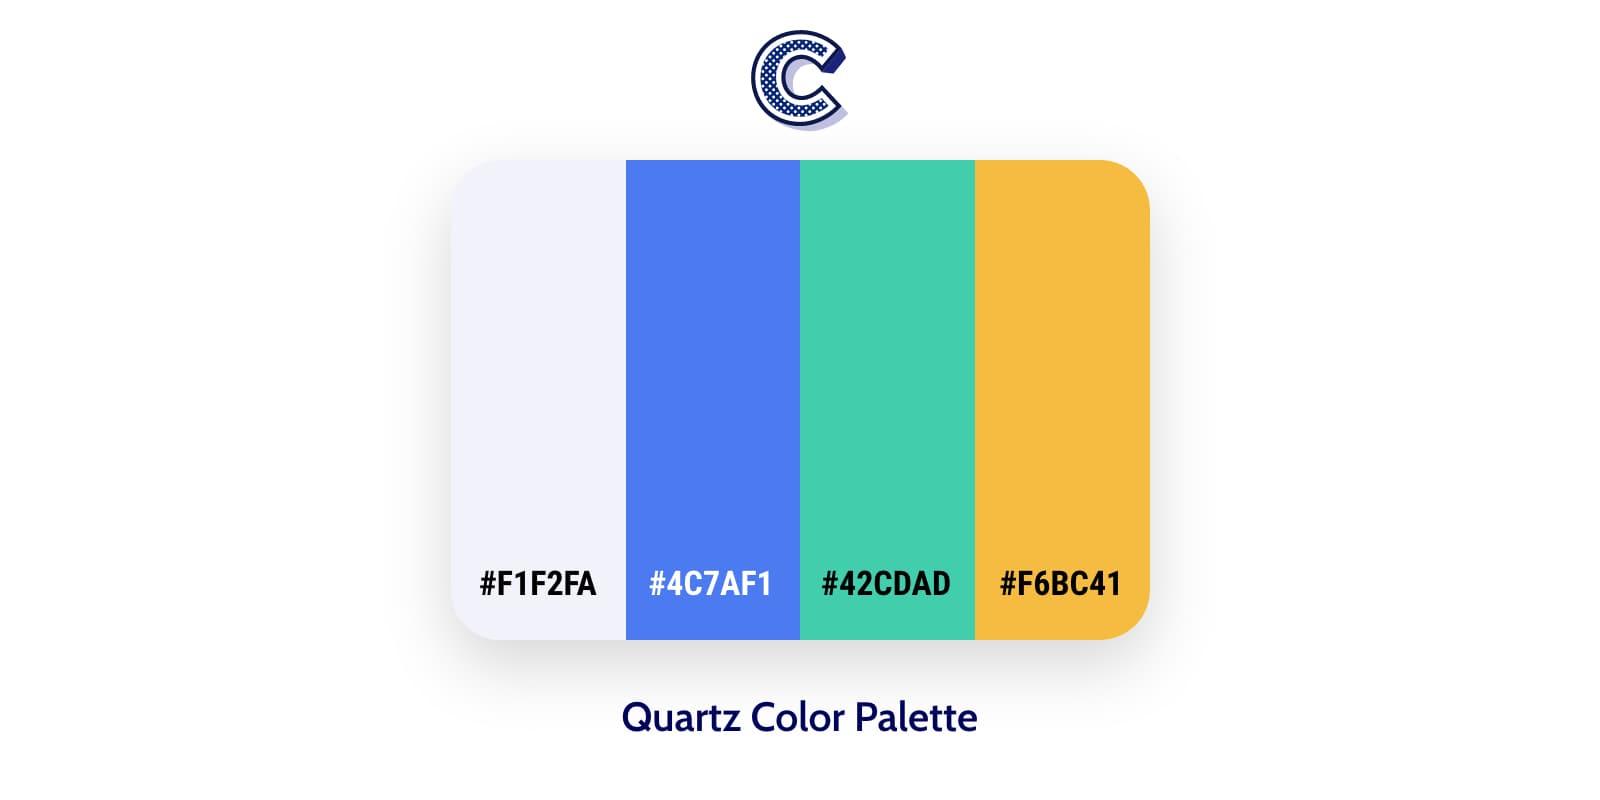 the featured image of quartz color palette